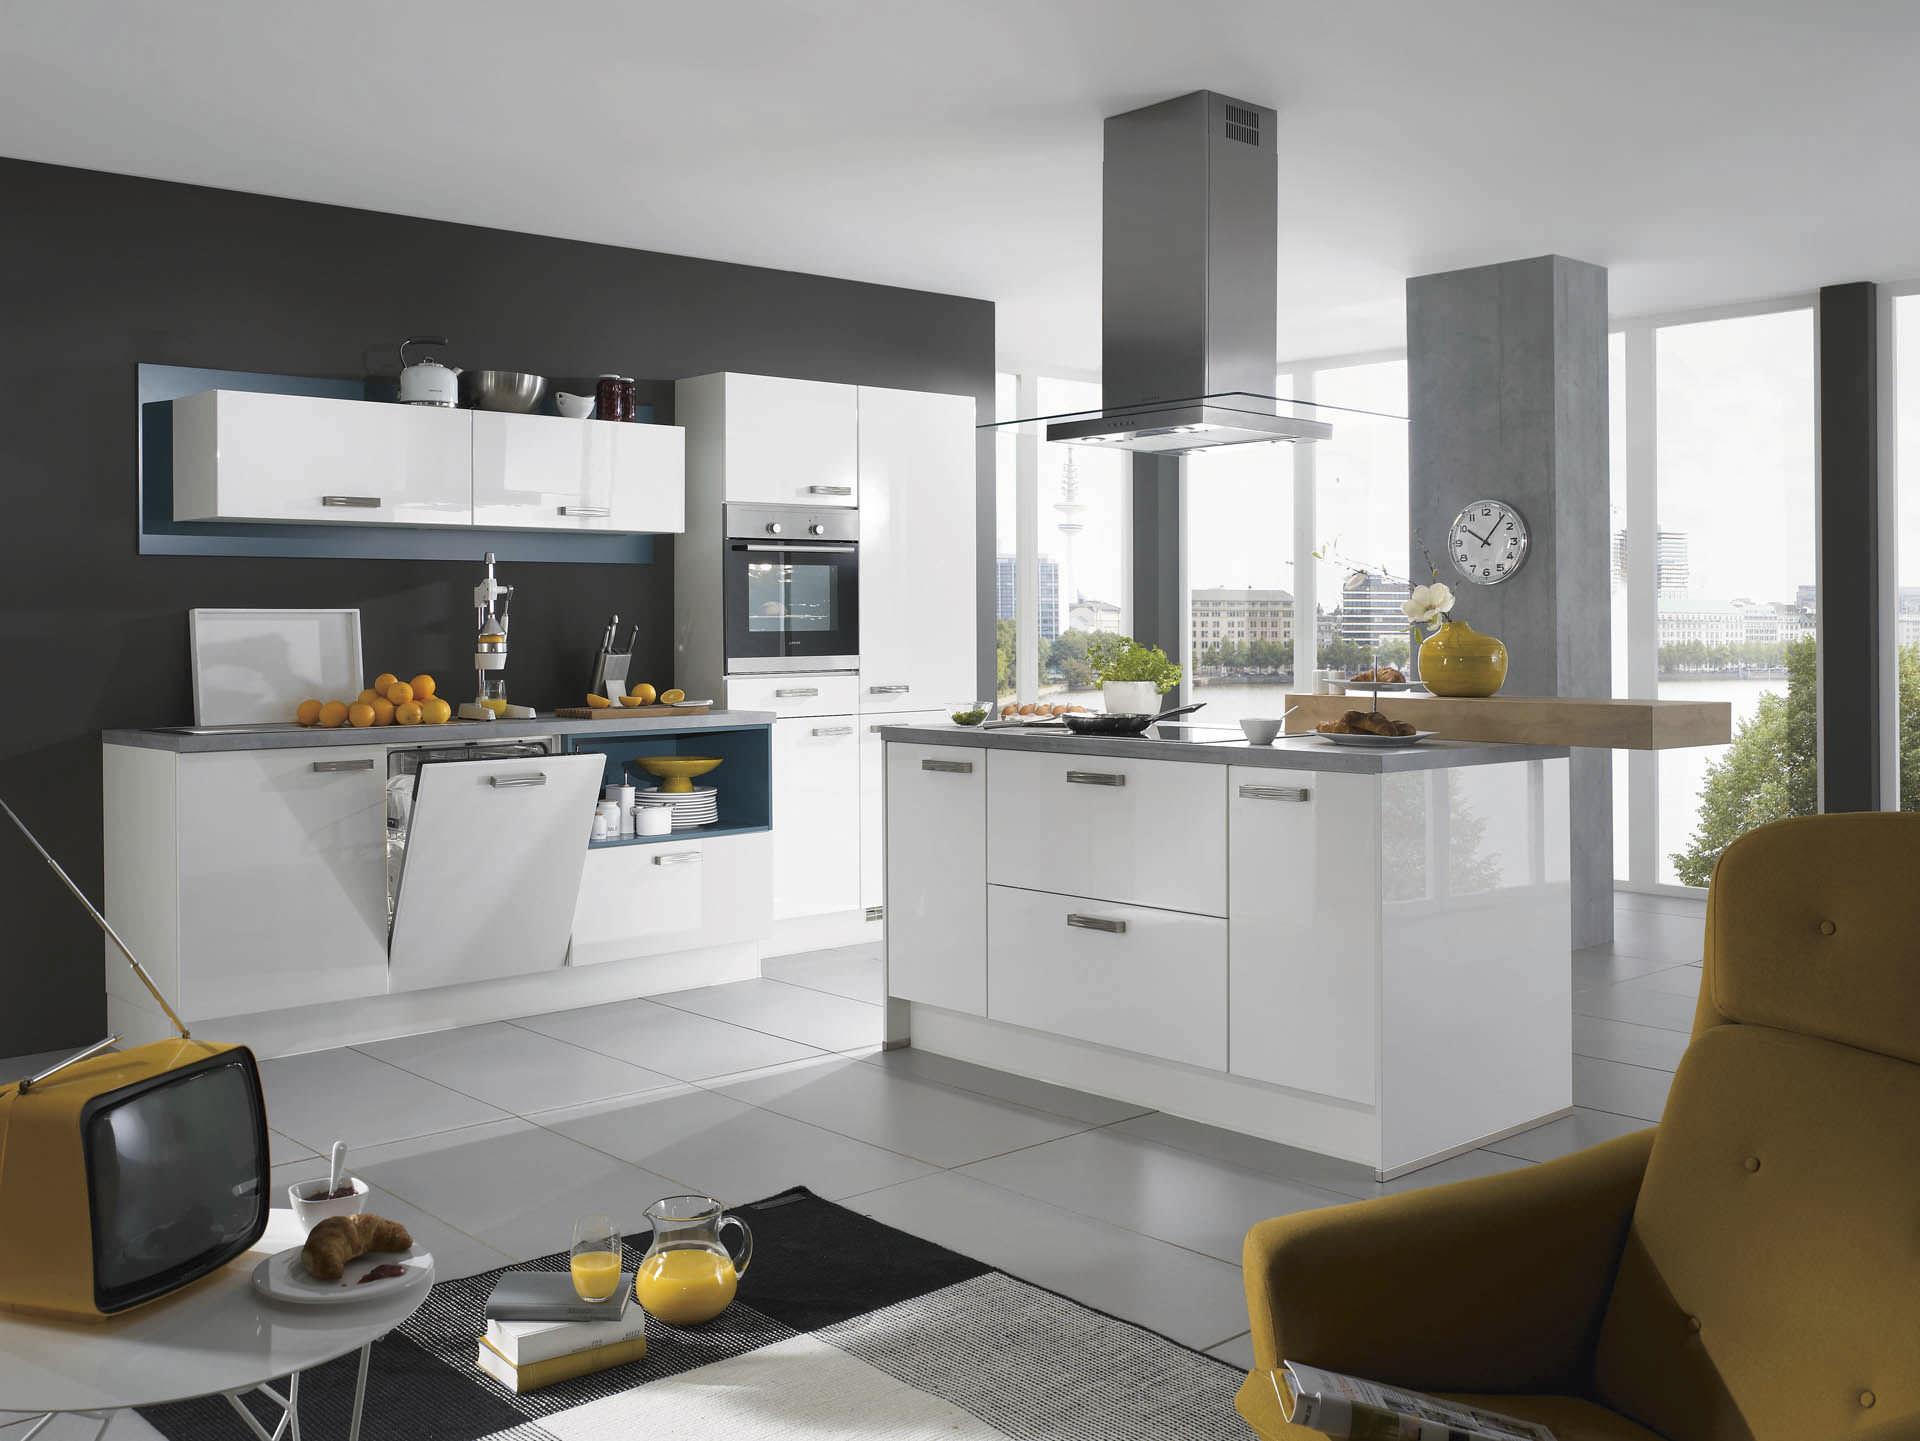 cuisine contemporaine / en bois / avec îlot / laquée - focus 460